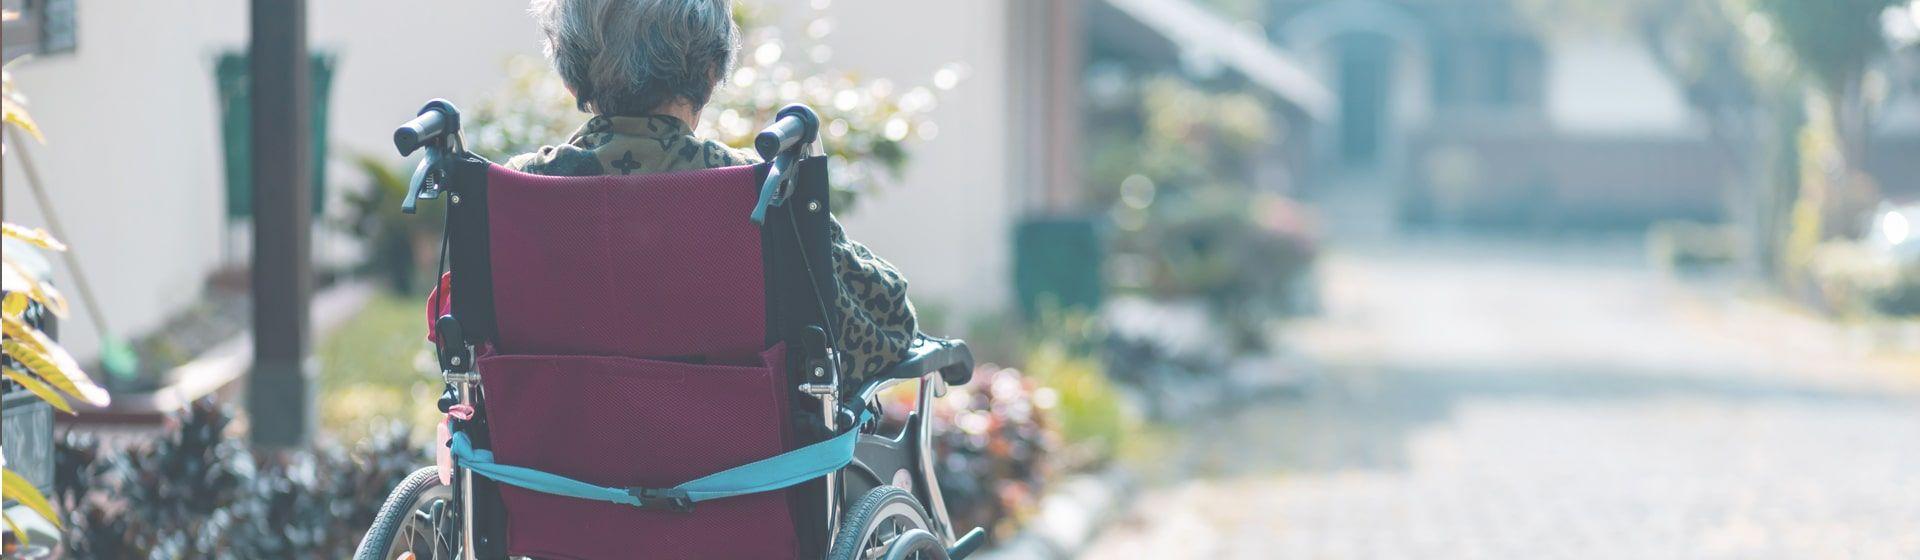 Angehörigen-Entlastungsgesetz als neuer Gesetzesentwurf